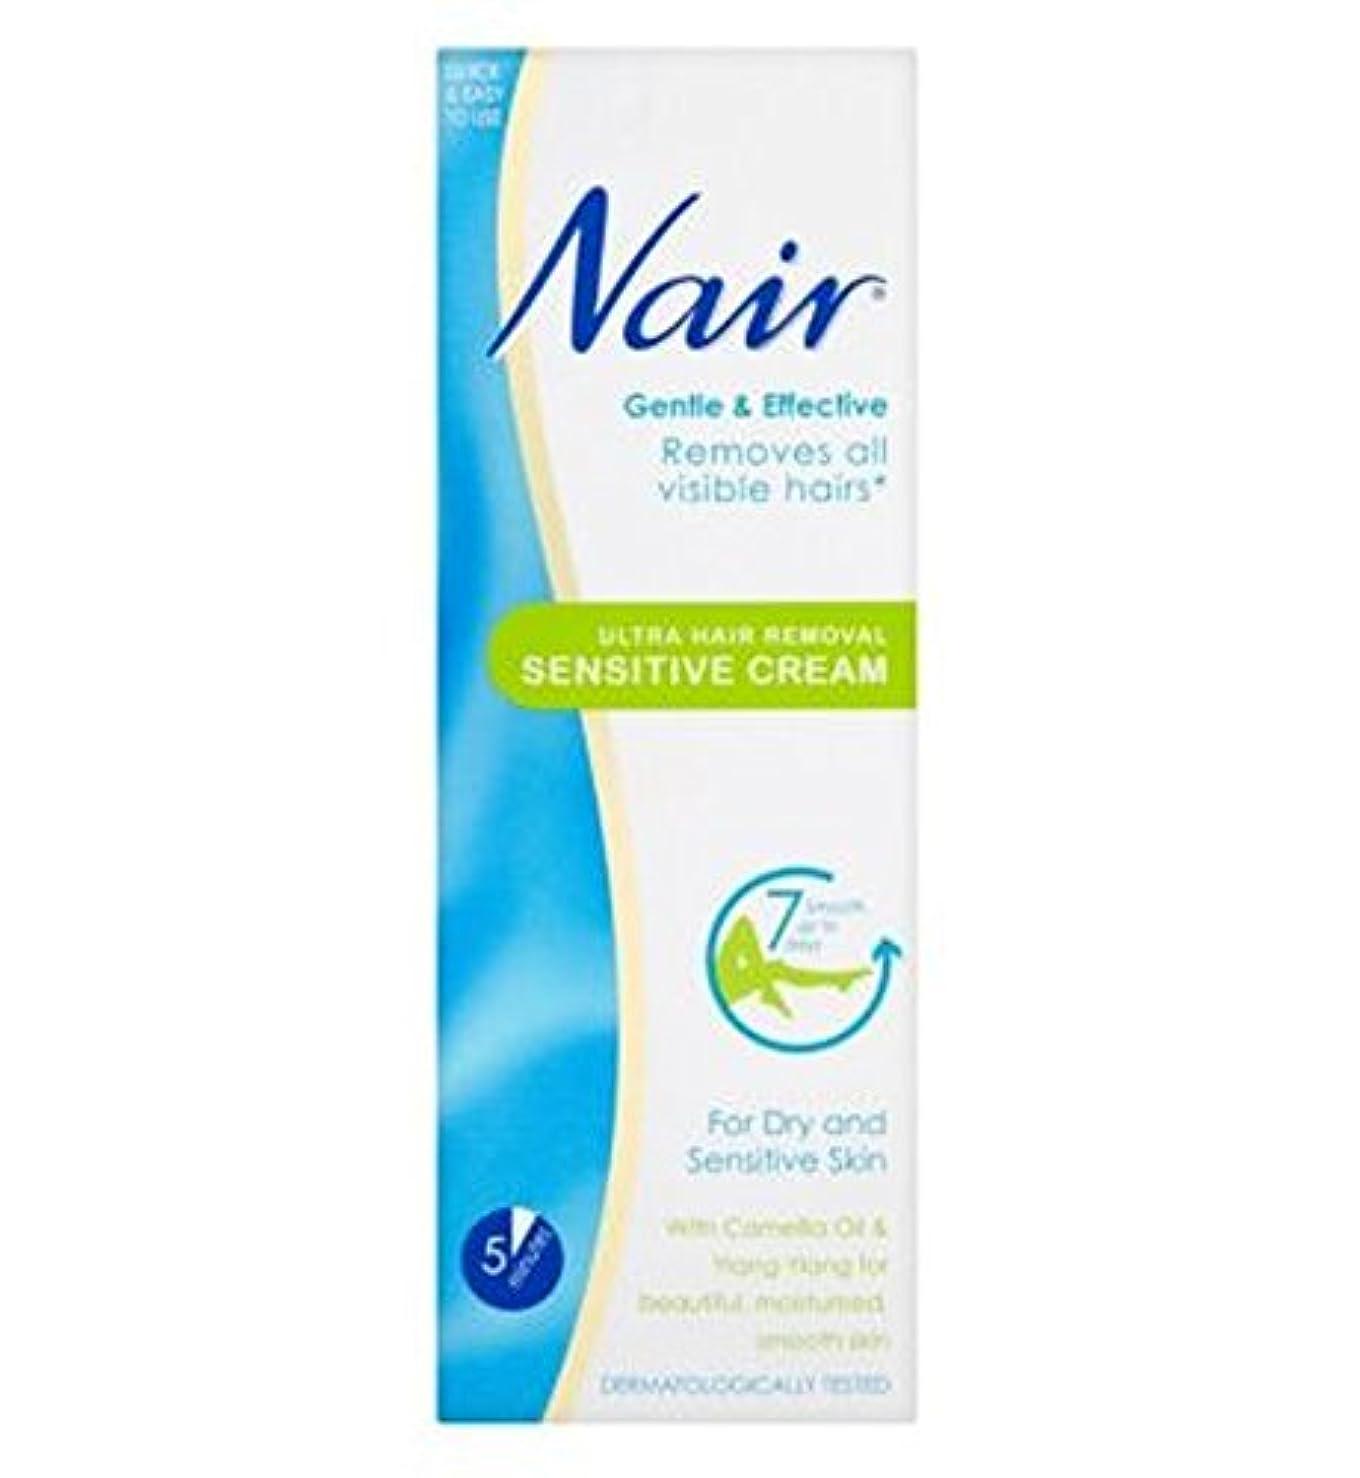 必要ないグレード特徴Nair Sensitive Hair Removal Cream 200ml - Nairさん敏感な脱毛クリーム200ミリリットル (Nair) [並行輸入品]